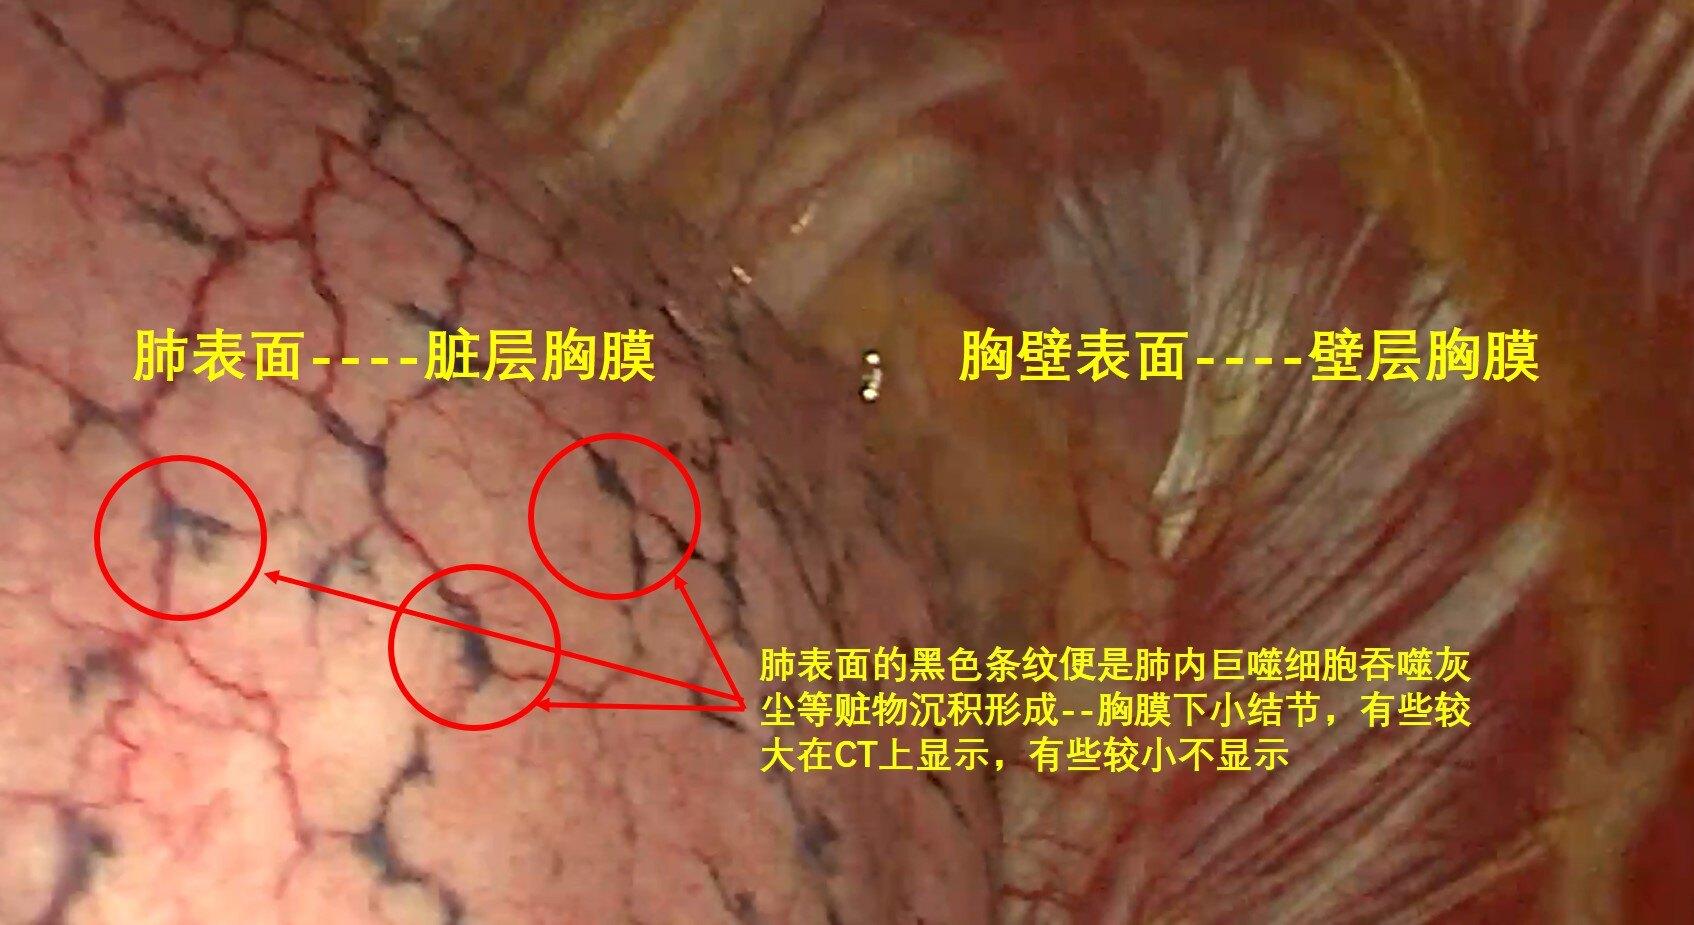 胸膜下結節解1.jpg